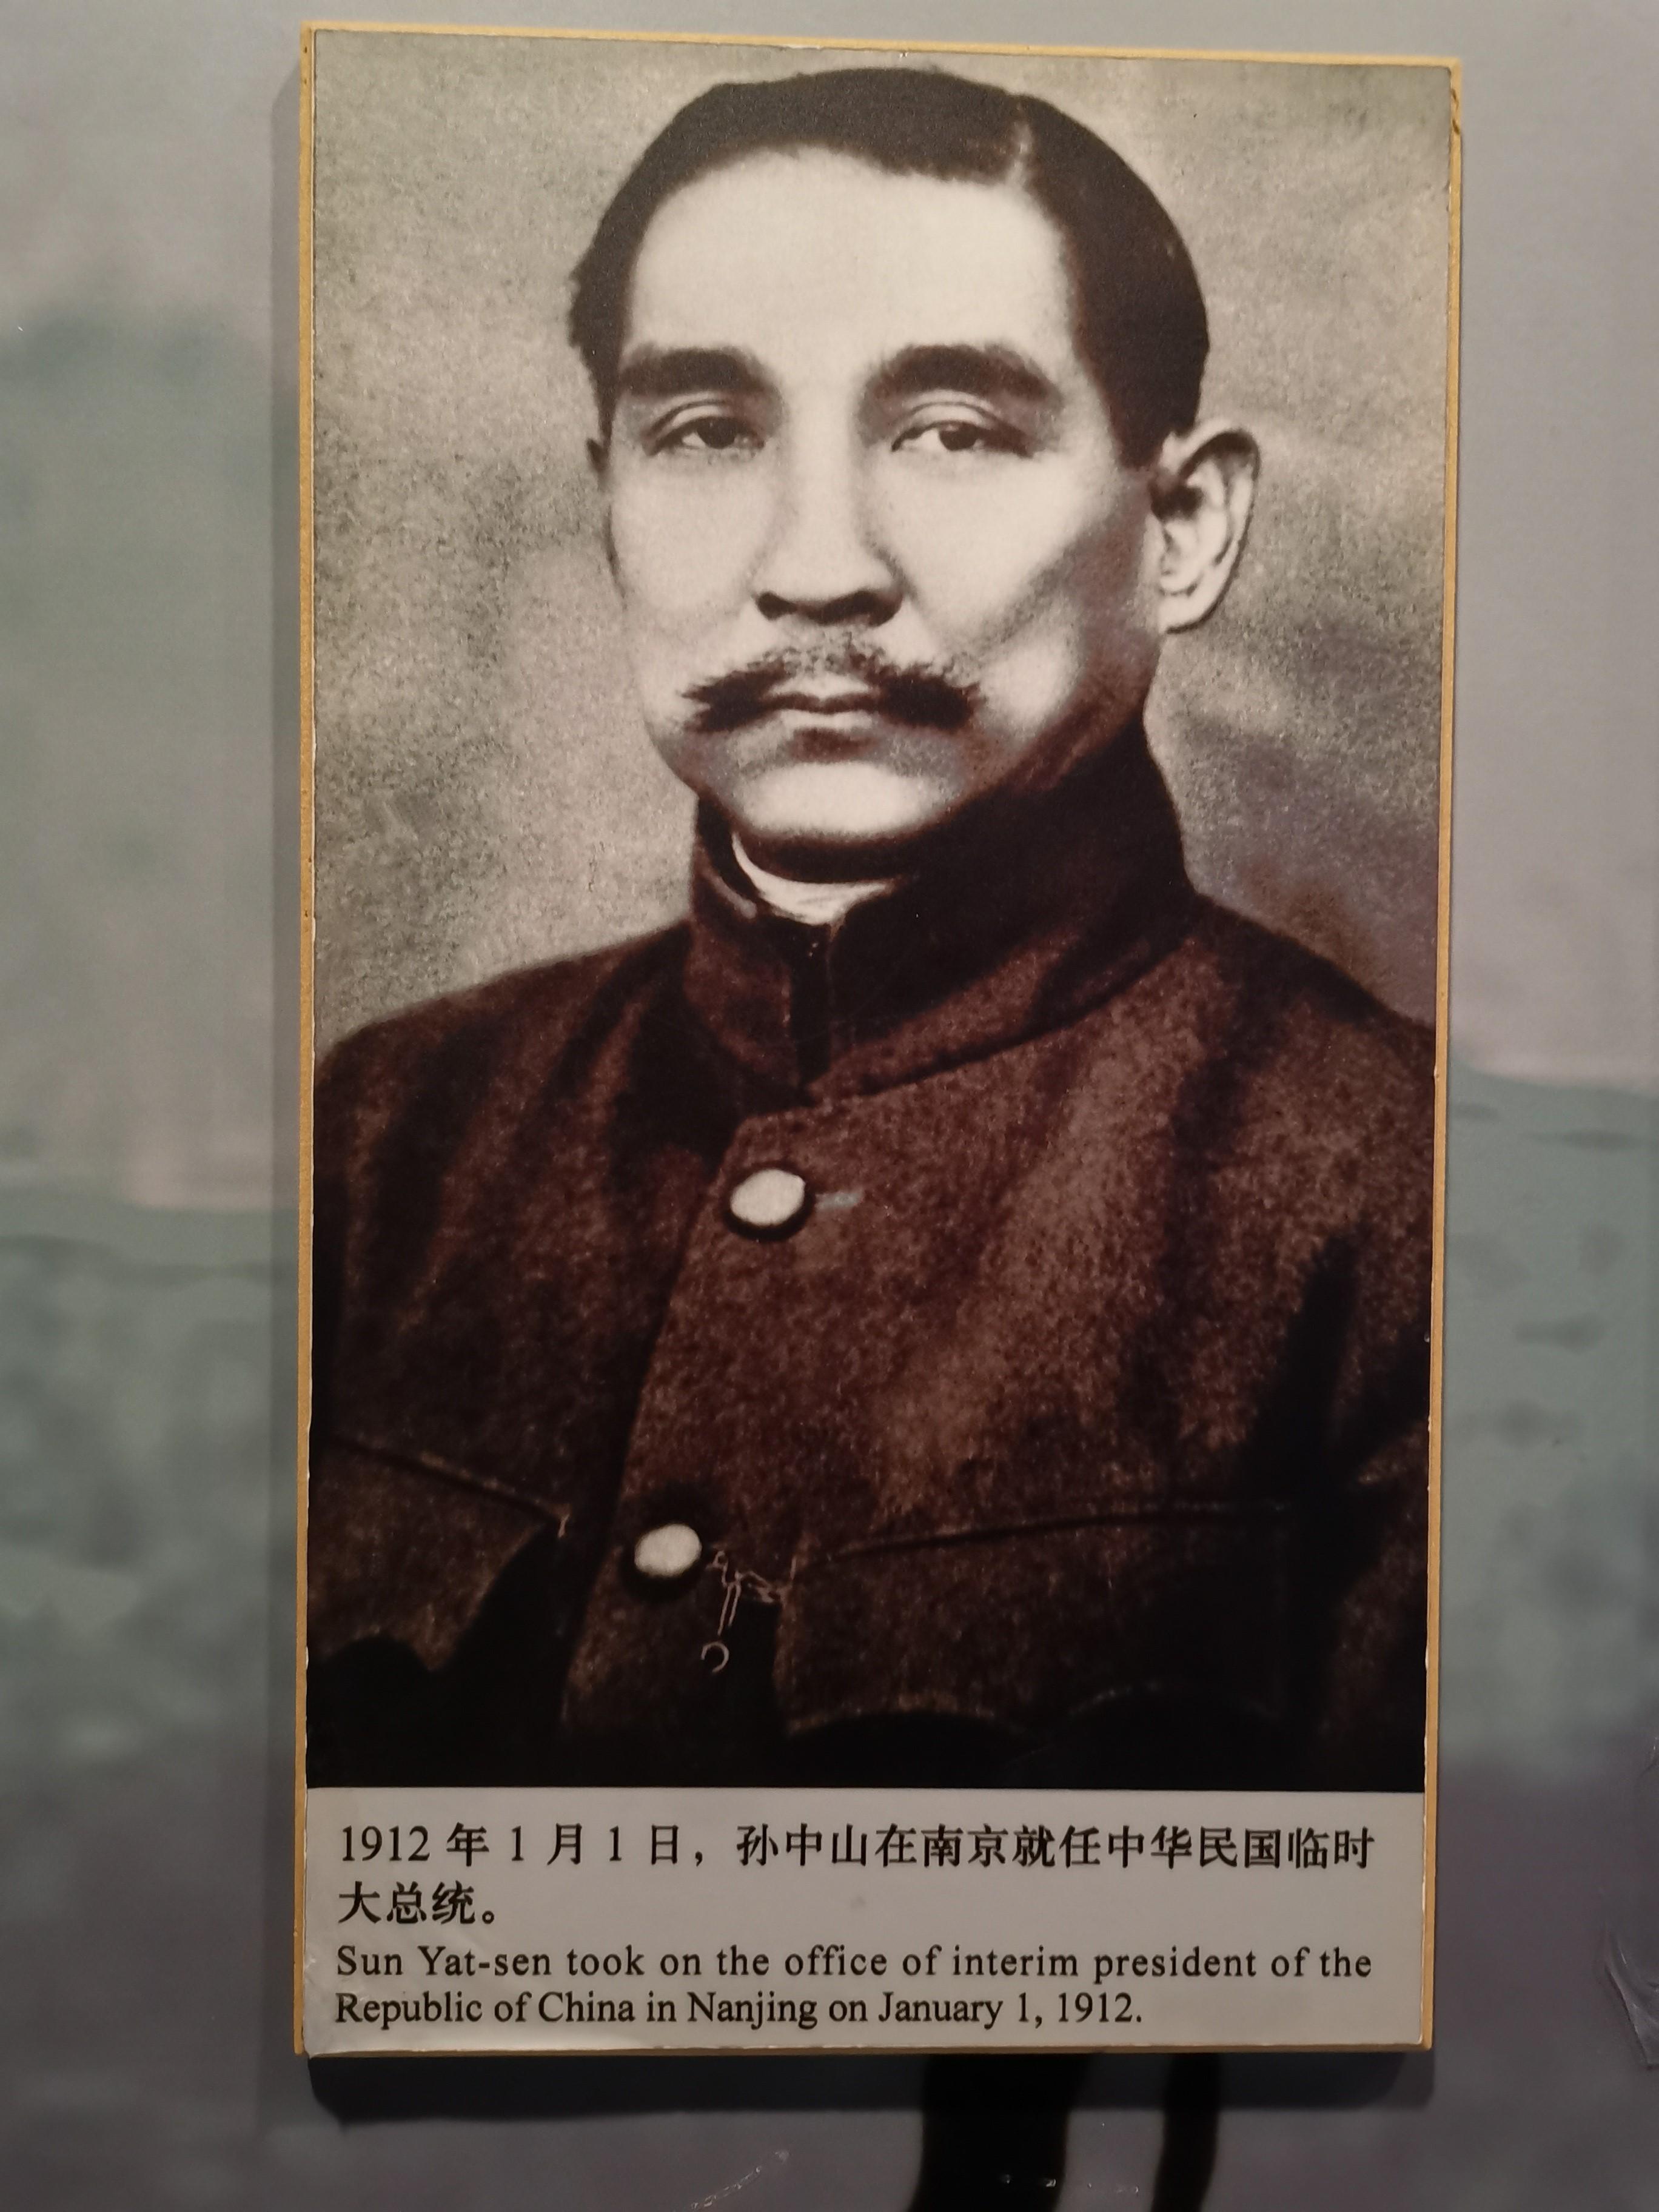 孙中山就任中华民国临时大总统